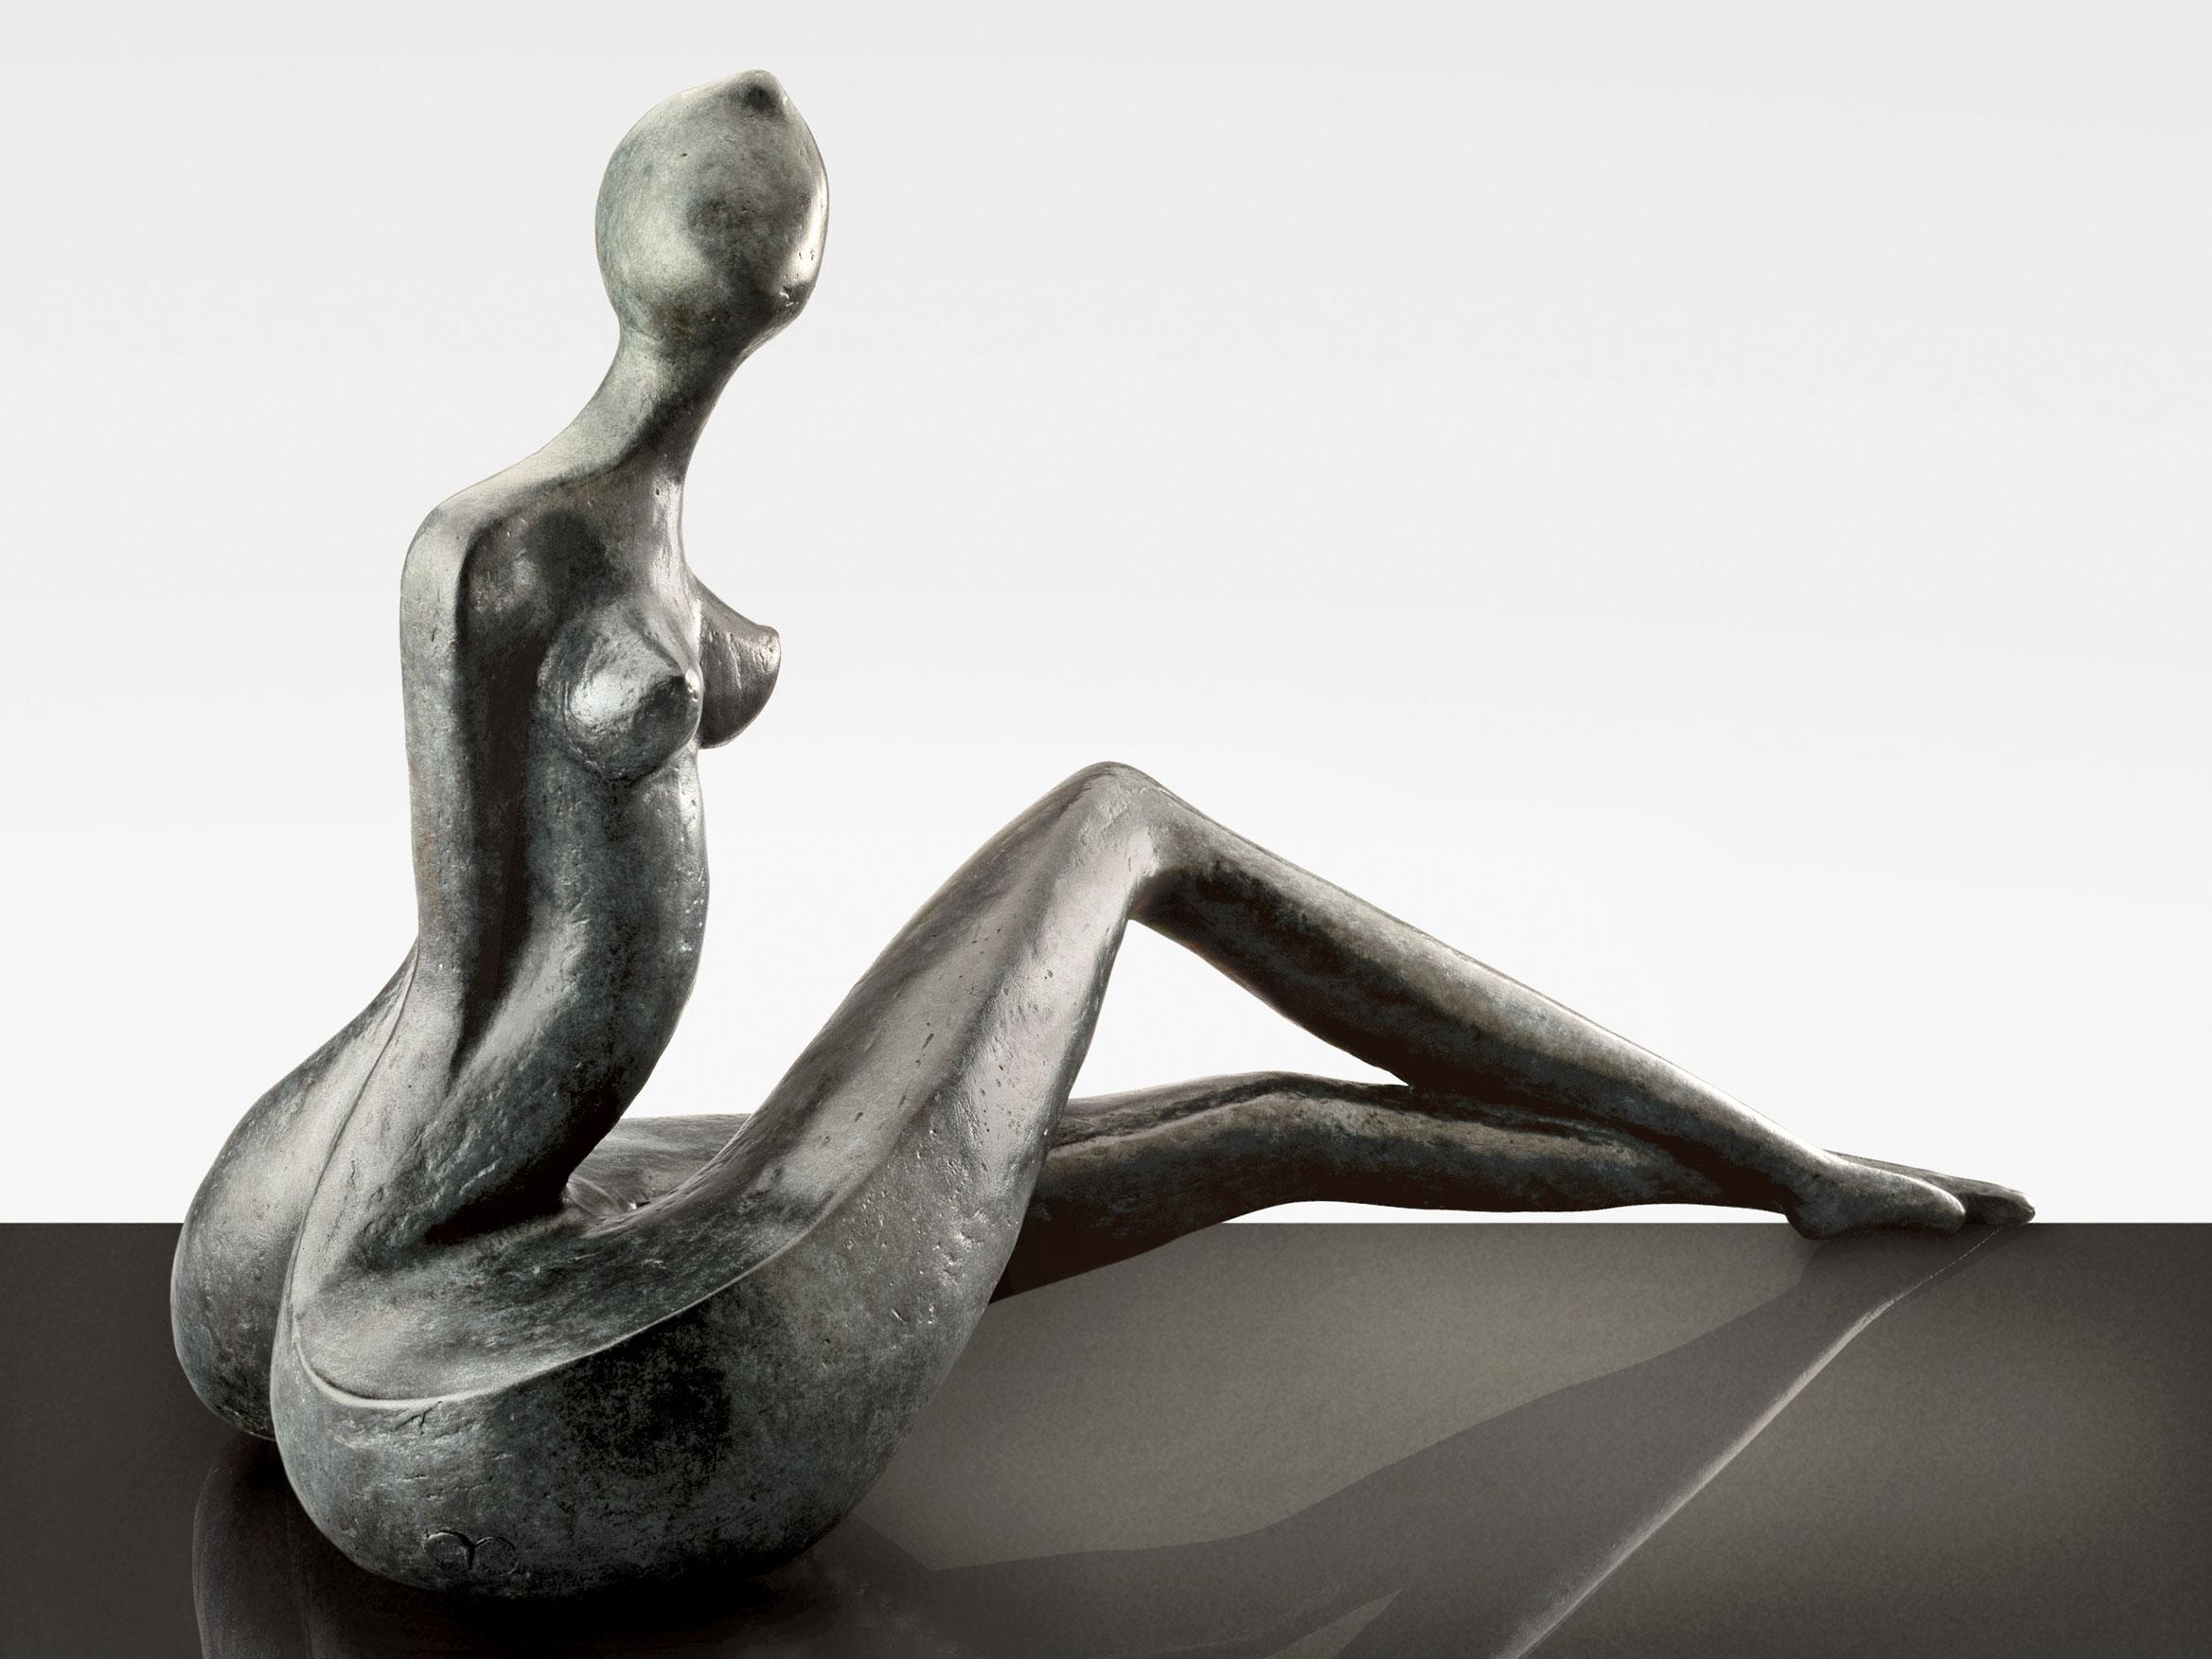 Femme, sculpture bronze de Marion Bürklé